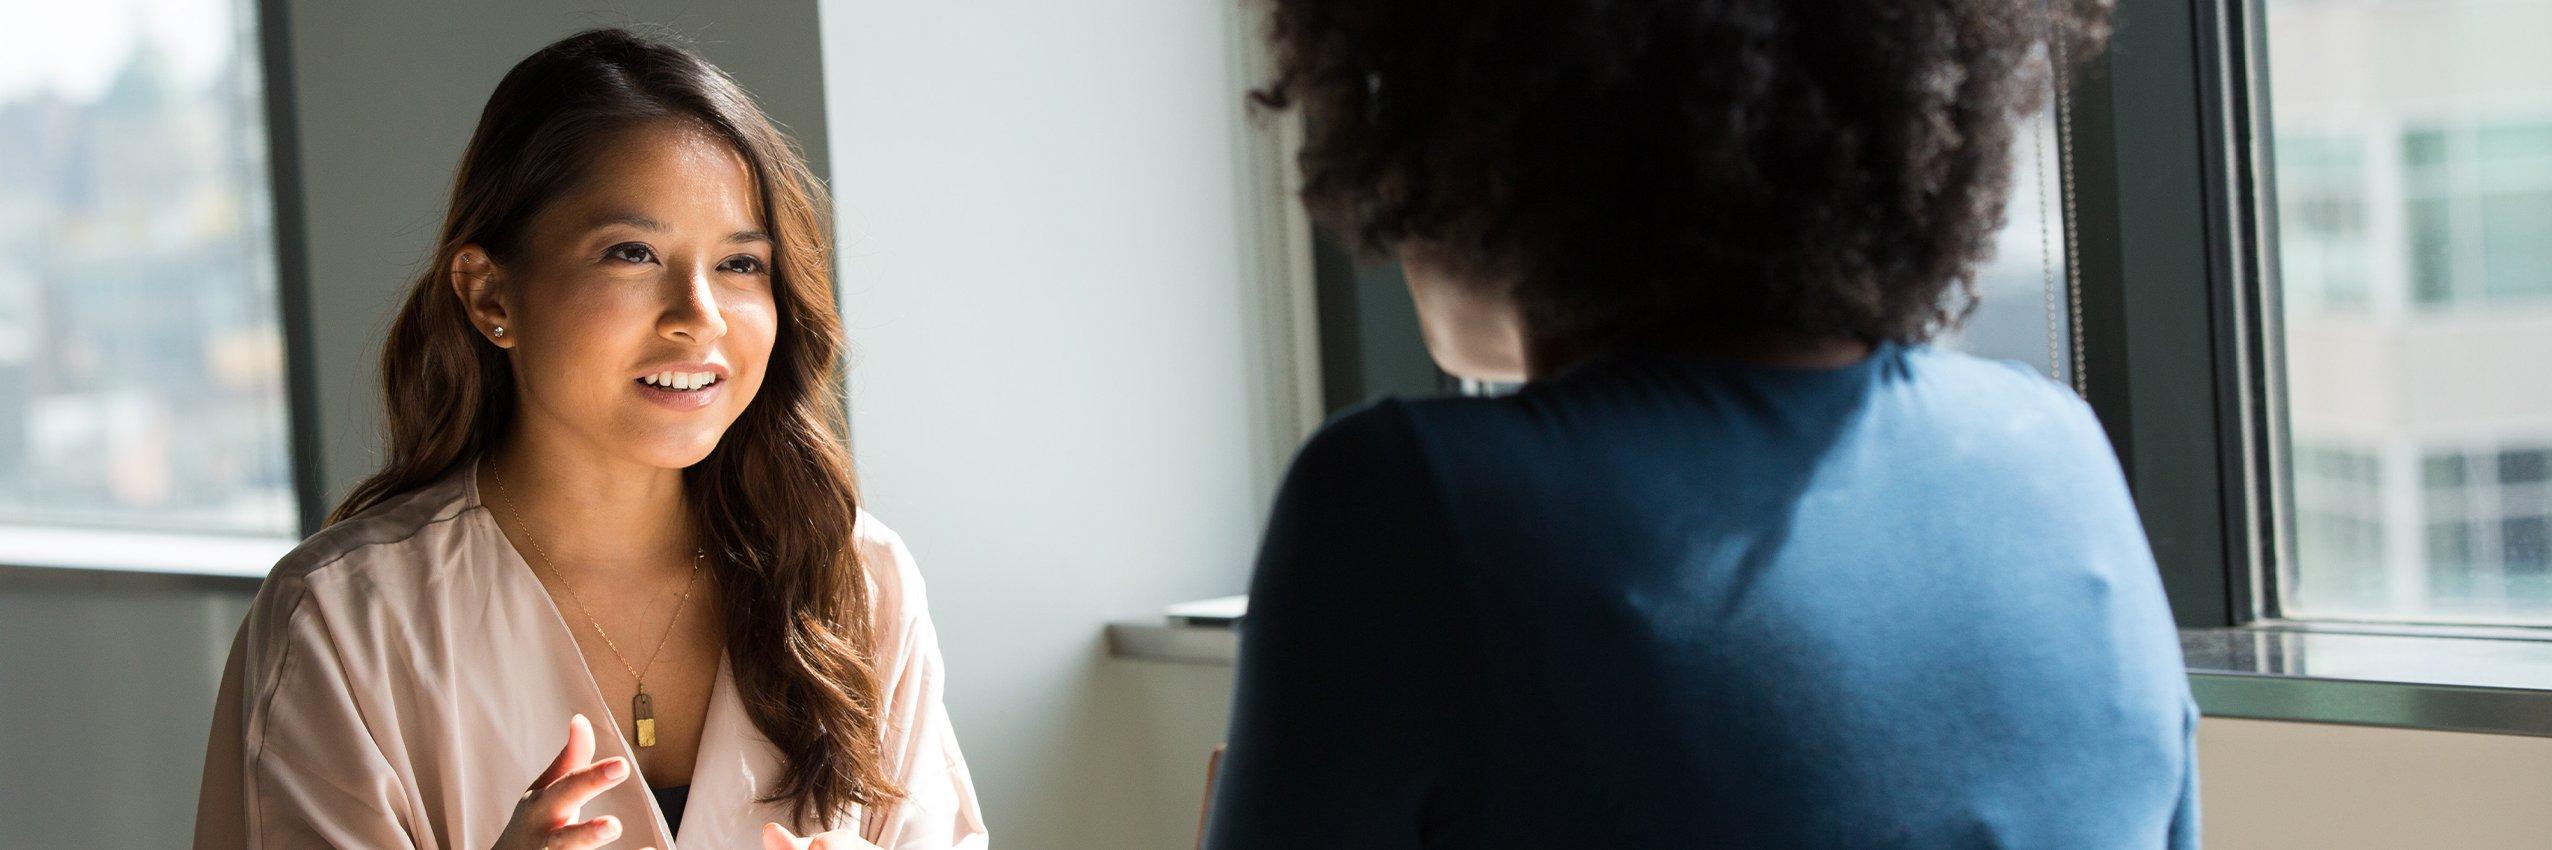 Eine junge Frau wird gecoachet